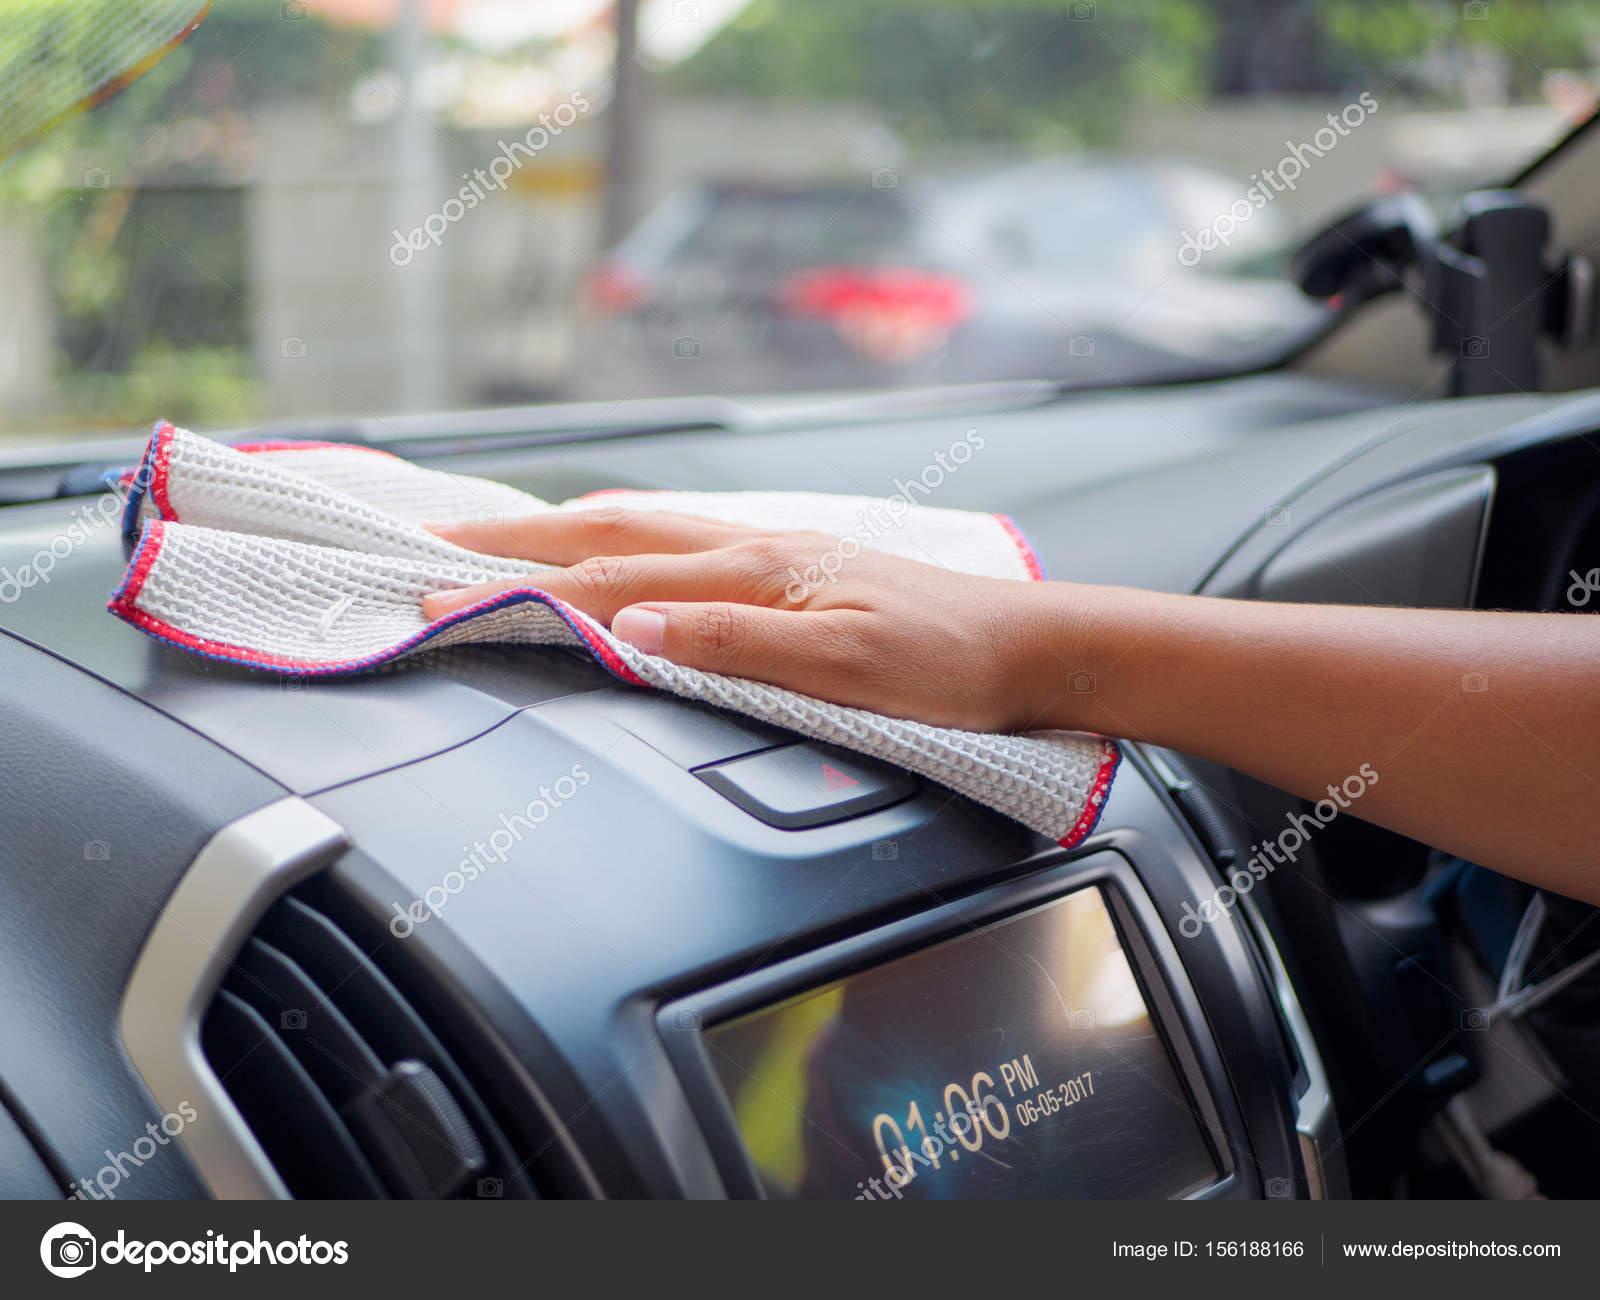 hand reinigen interieur auto met microvezel doek stockfoto